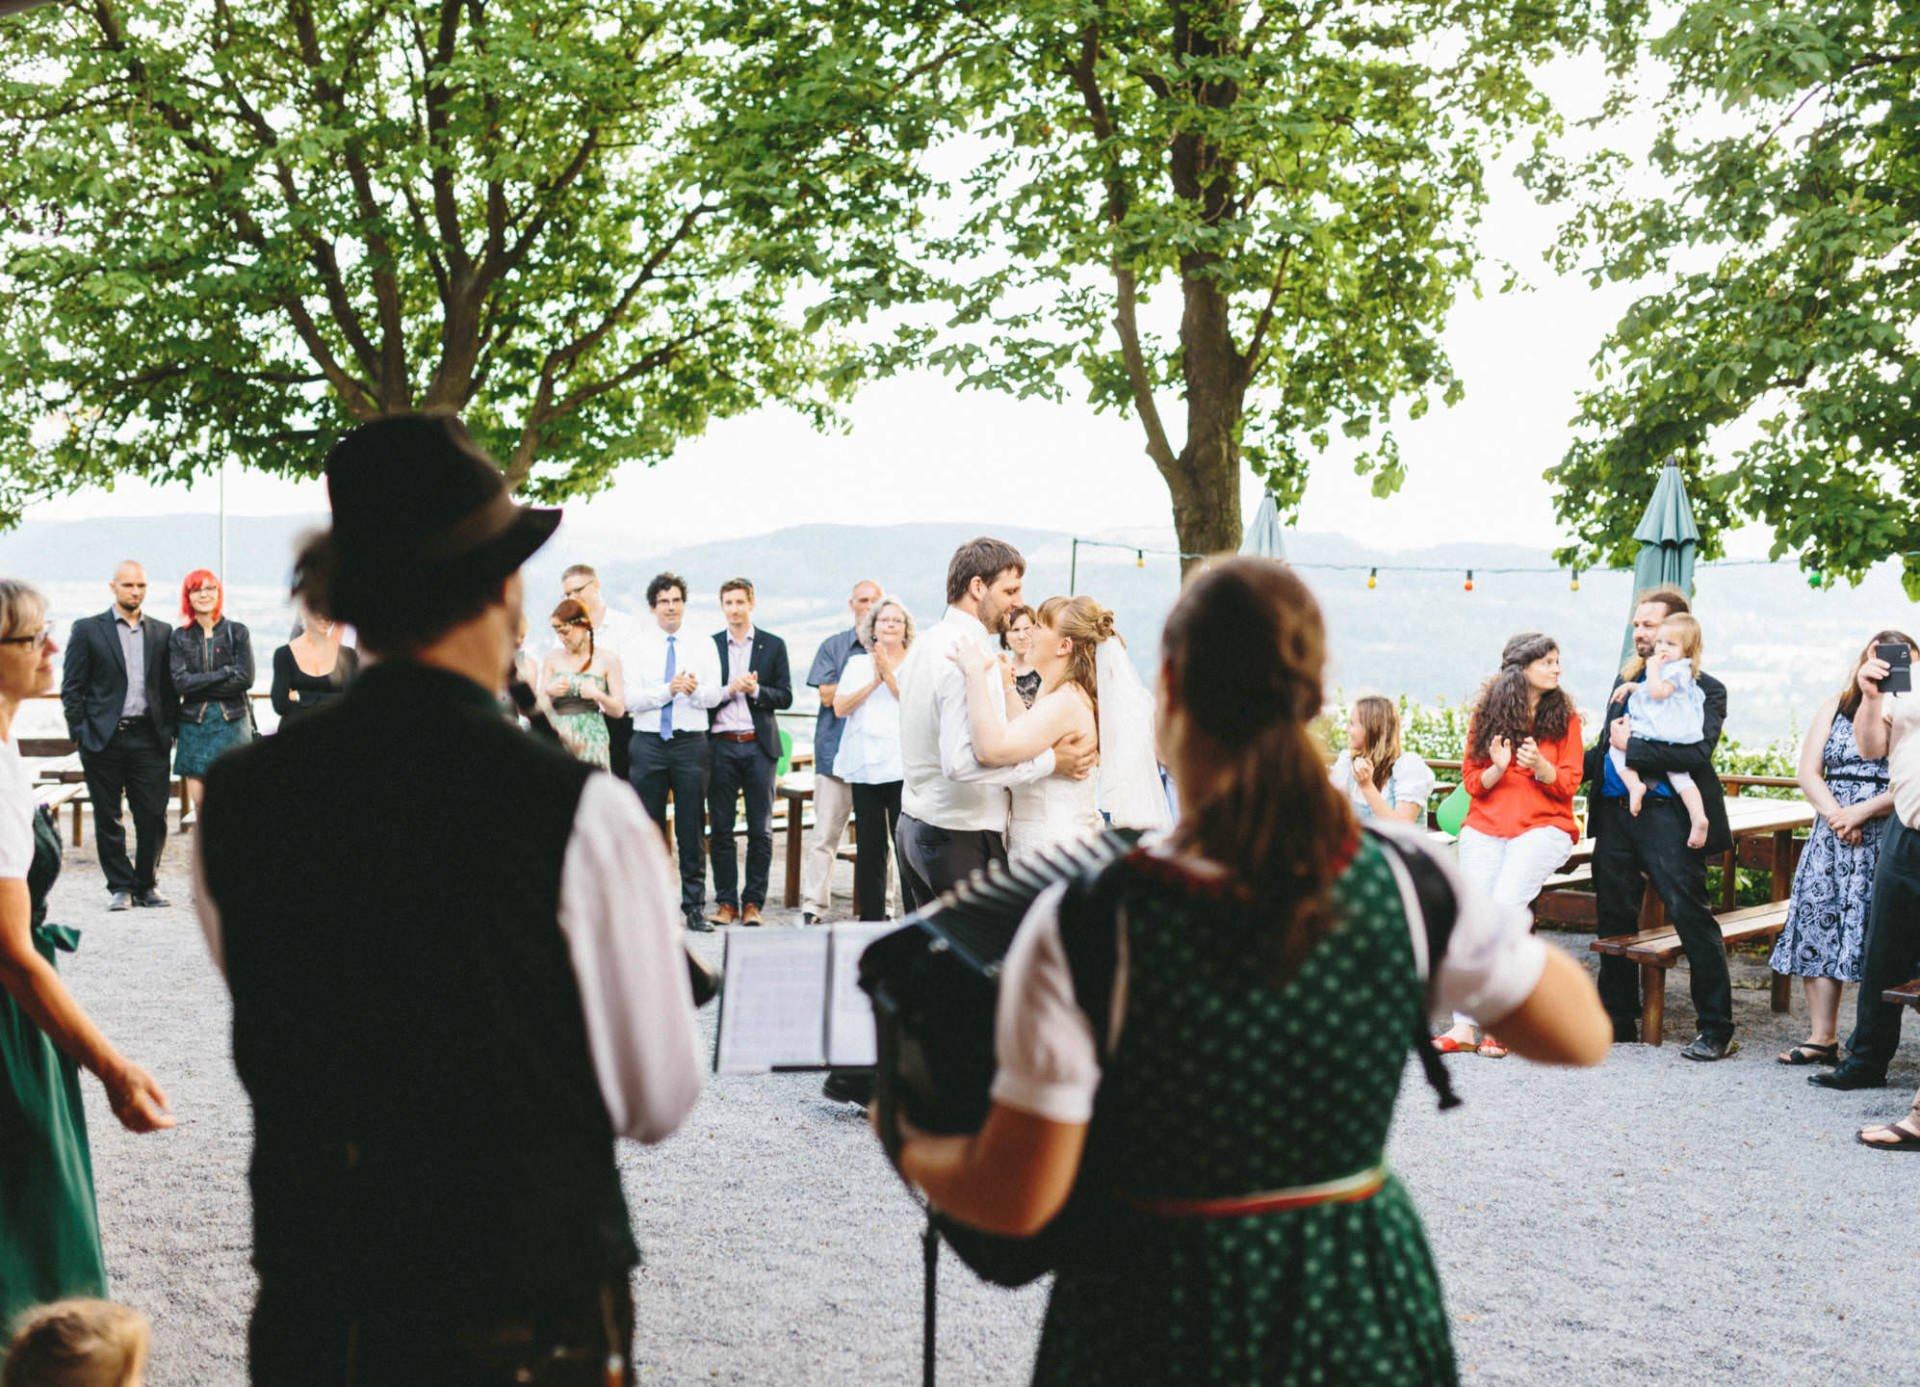 Bayrische Hochzeit 42 - Bayrische Jagdhüttenhochzeit in Thüringen